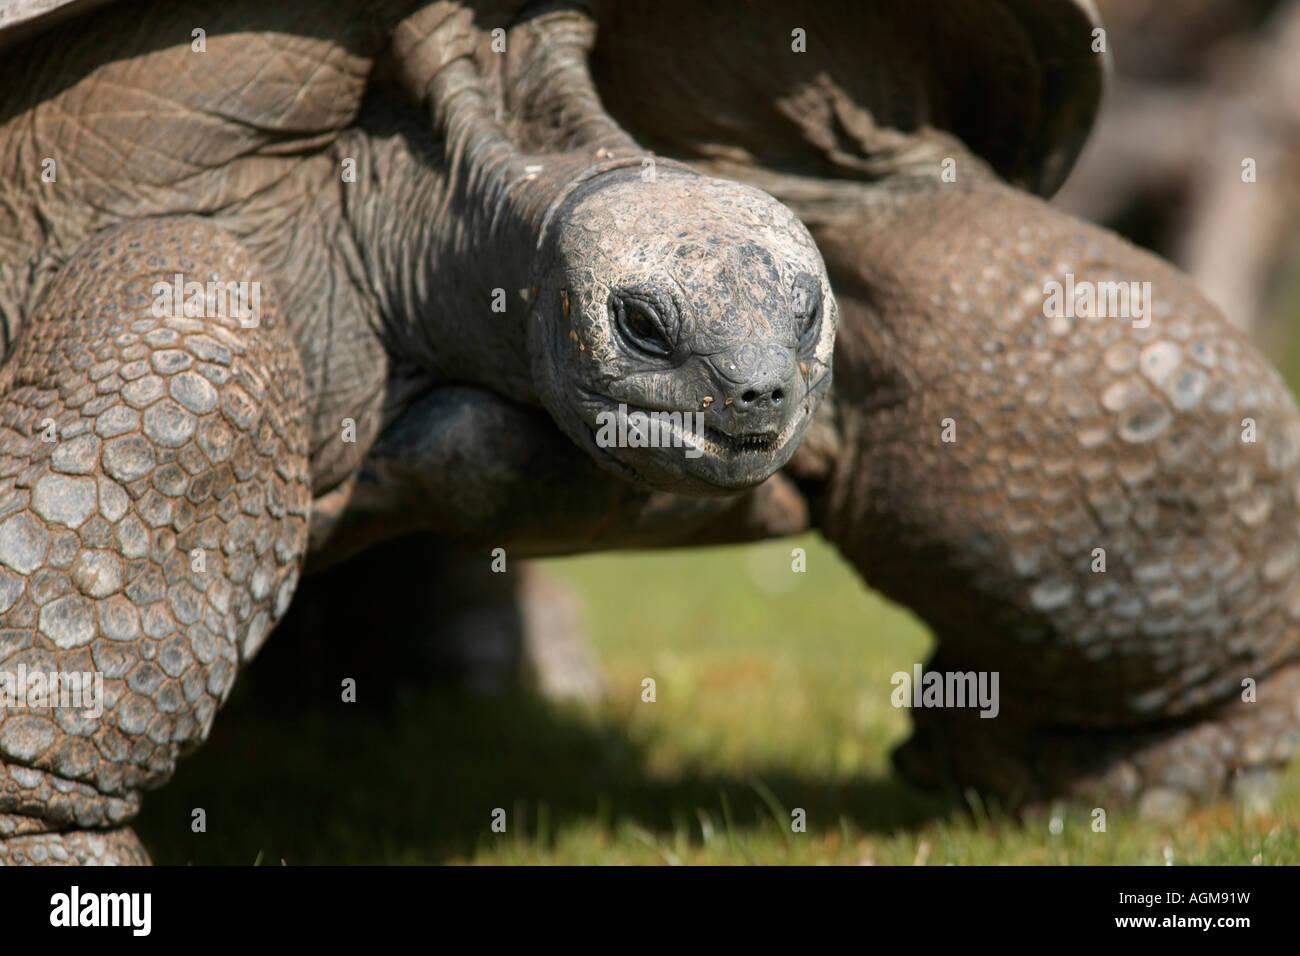 Aldabra Riesenschildkroete Seychellen Riesenschildkroete Dipsochelys elephantina - Stock Image